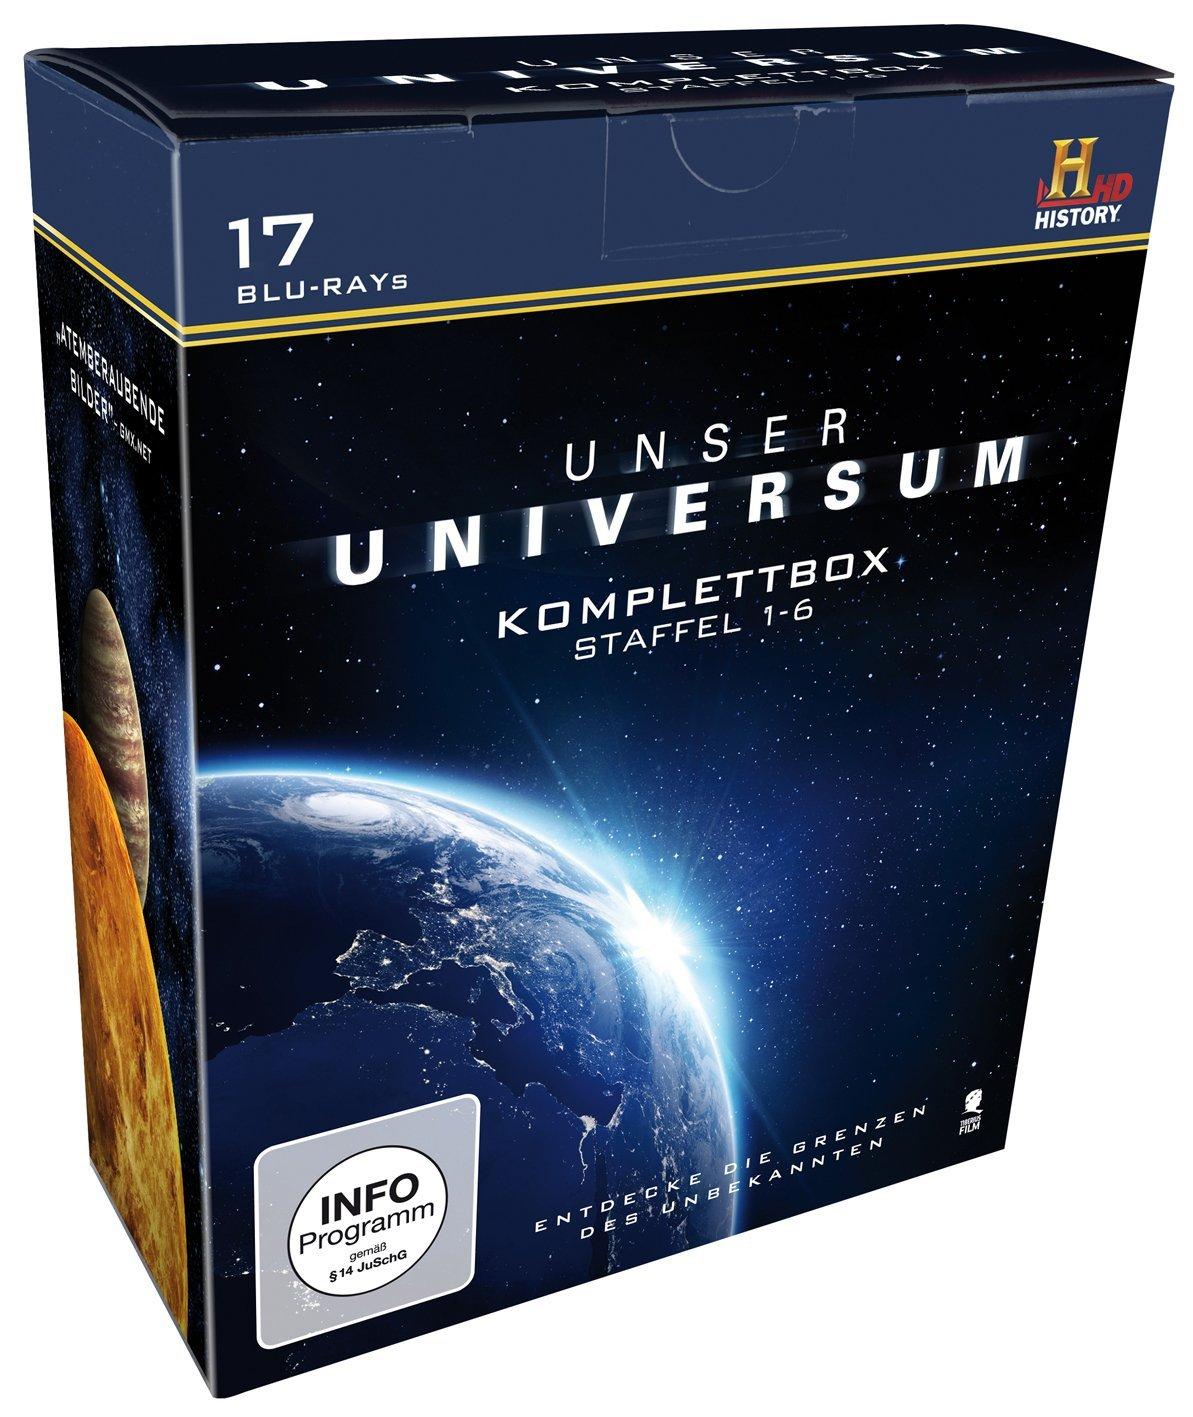 [Amazon.de][PRIME] Unser Universum - Die Komplettbox, Staffel 1-6 (History) [Blu-ray] für 18,97€